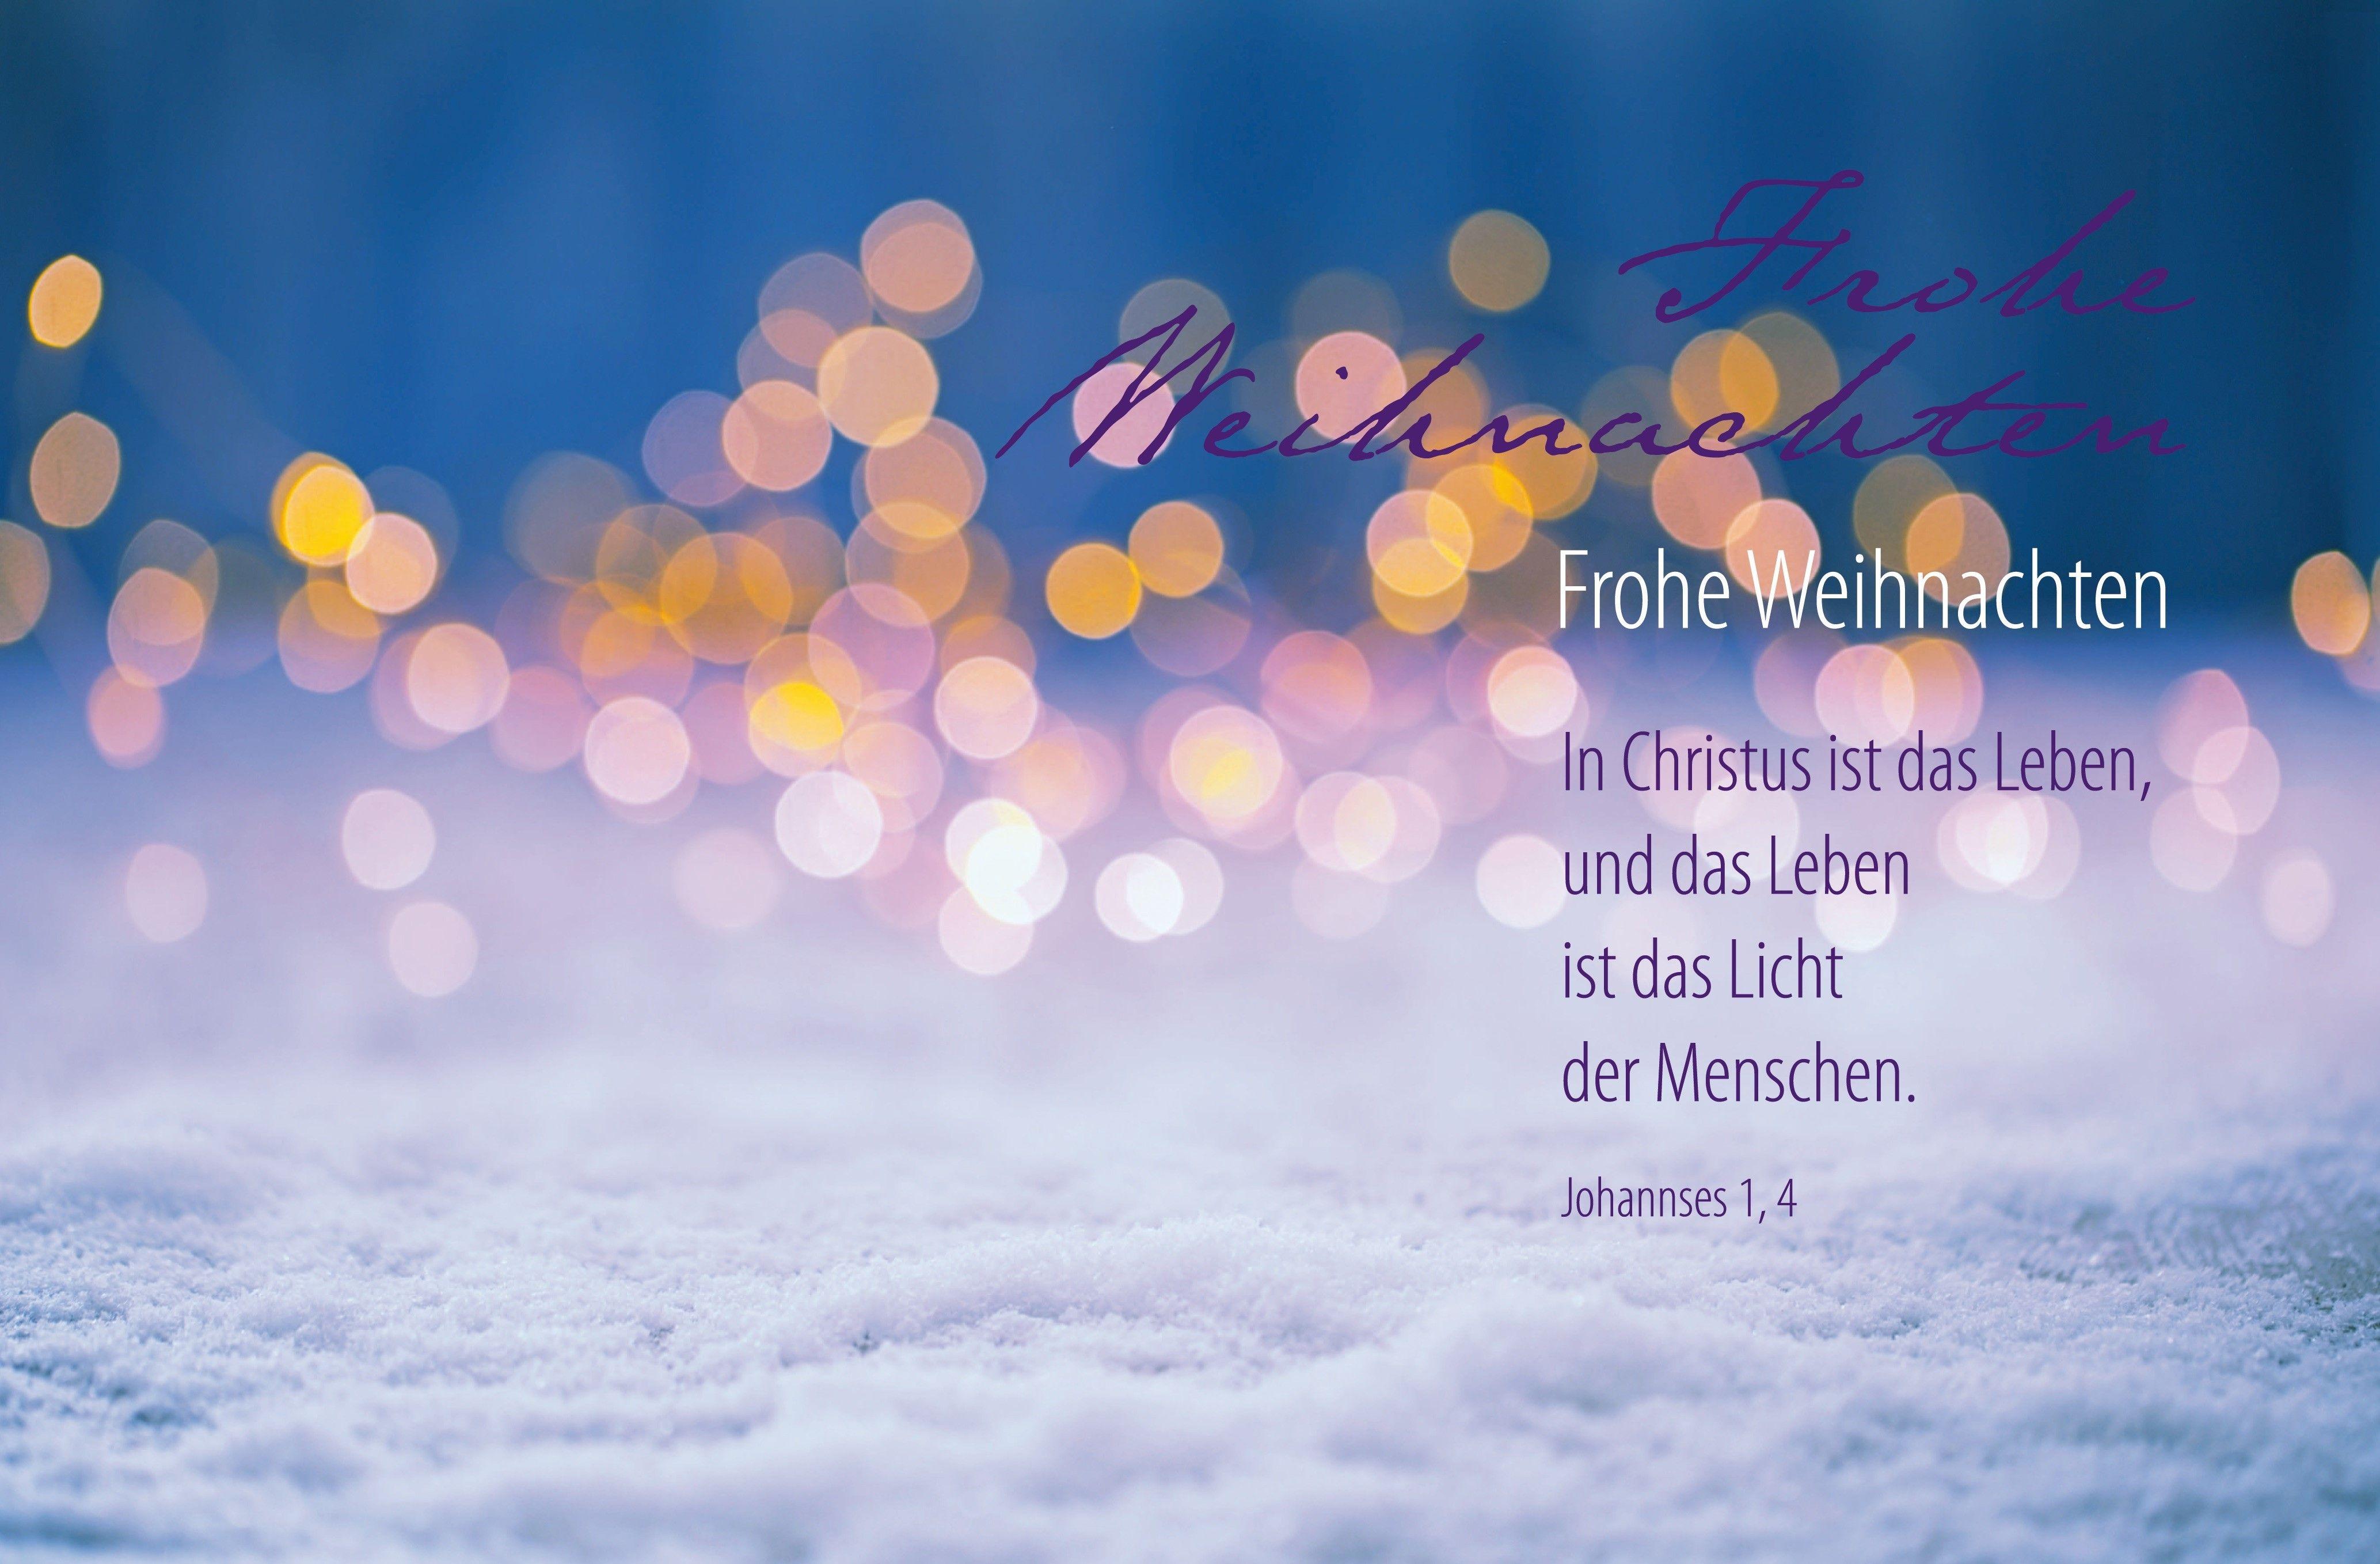 """Faltkarte """"Frohe Weihnachten"""" Joh. 1,4"""